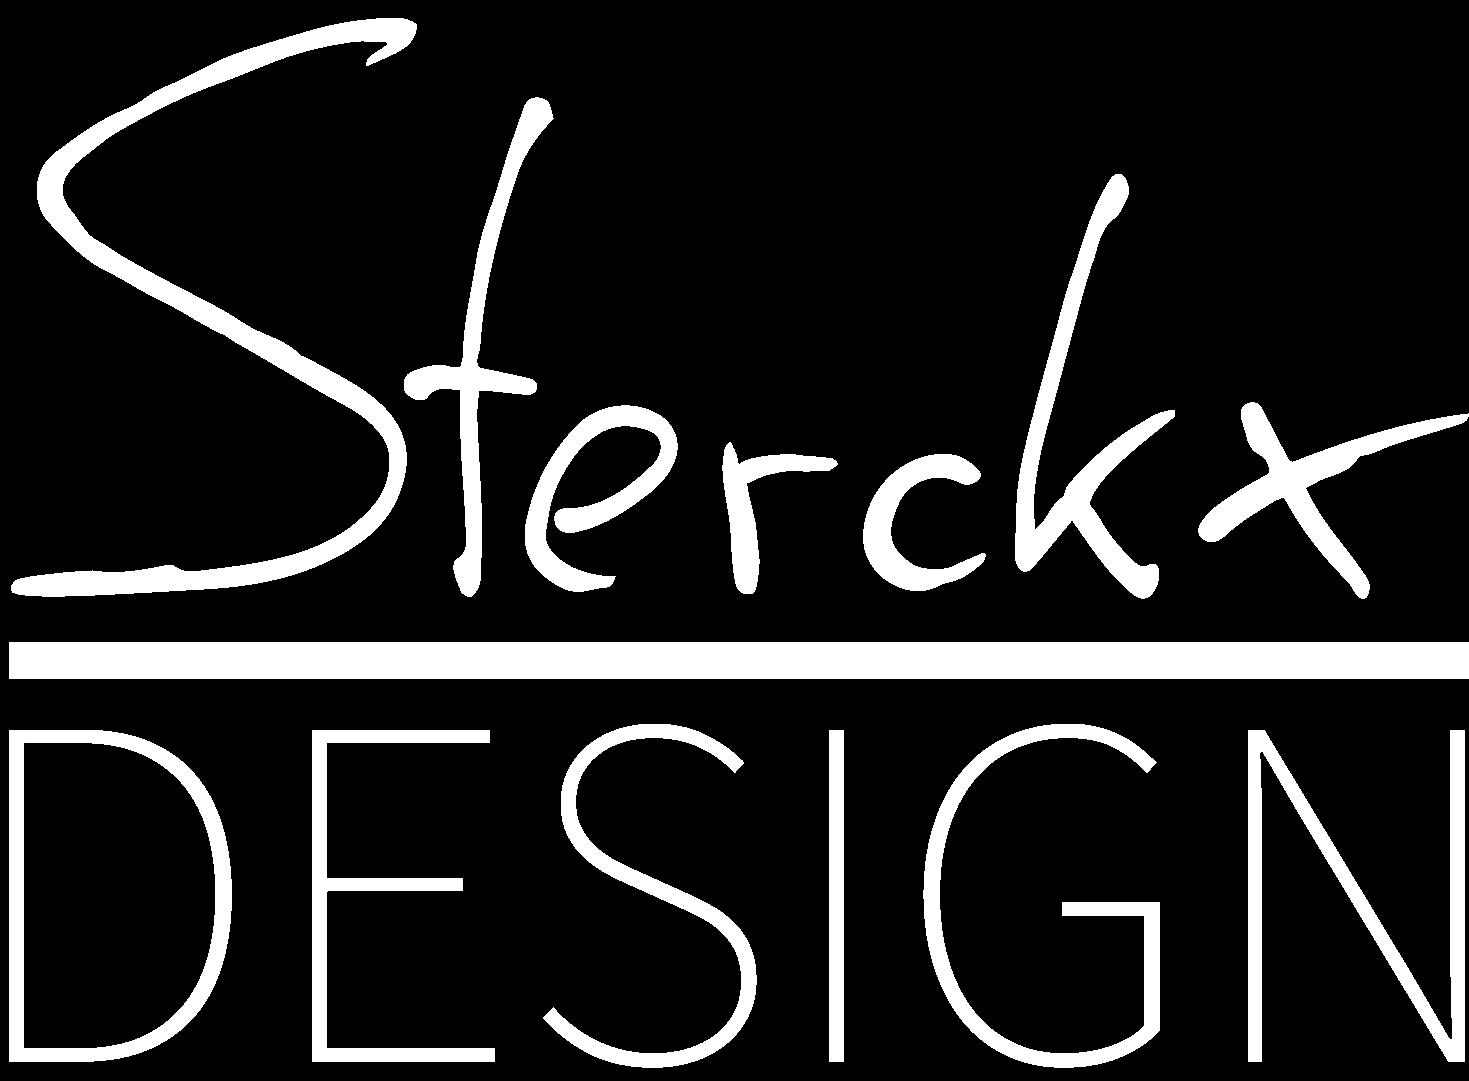 Sterckx Design